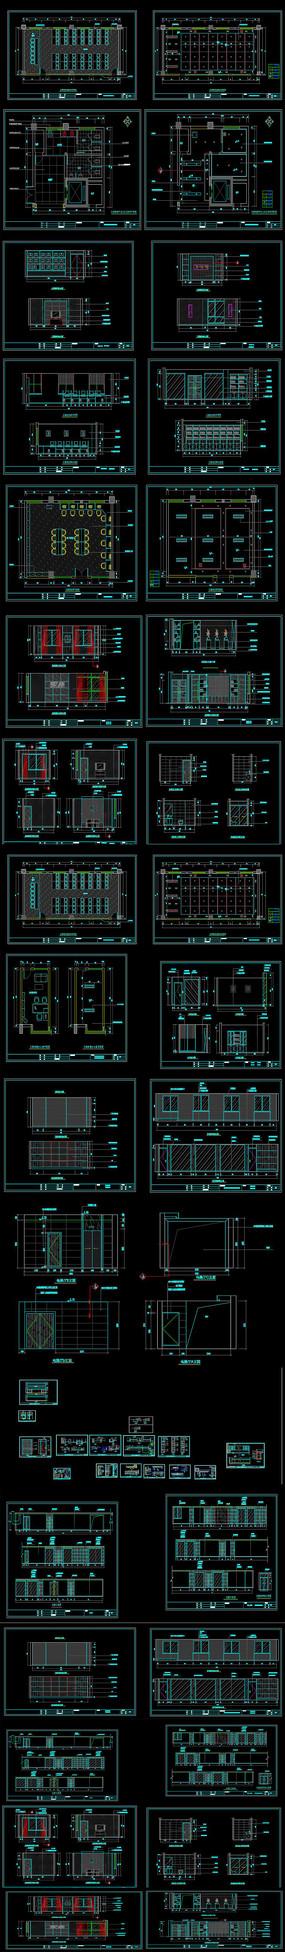 社区办公室CAD施工图